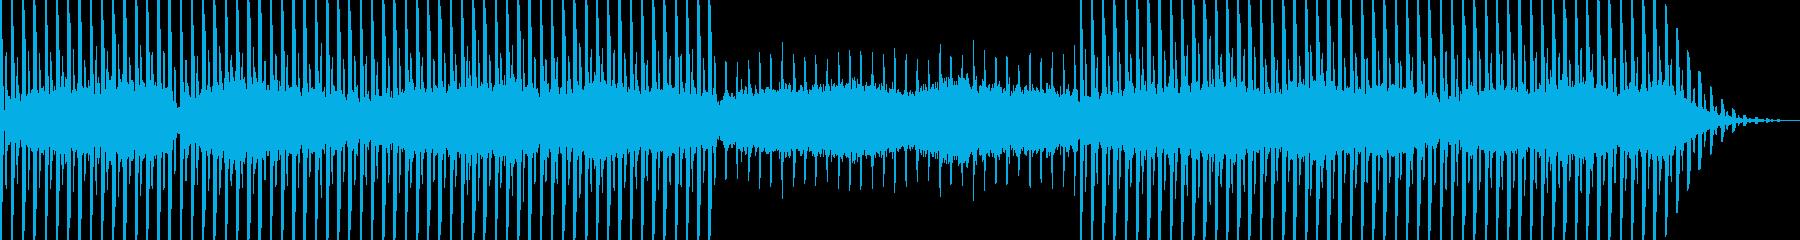 実験 科学 化学 理科 教育 サイエンスの再生済みの波形